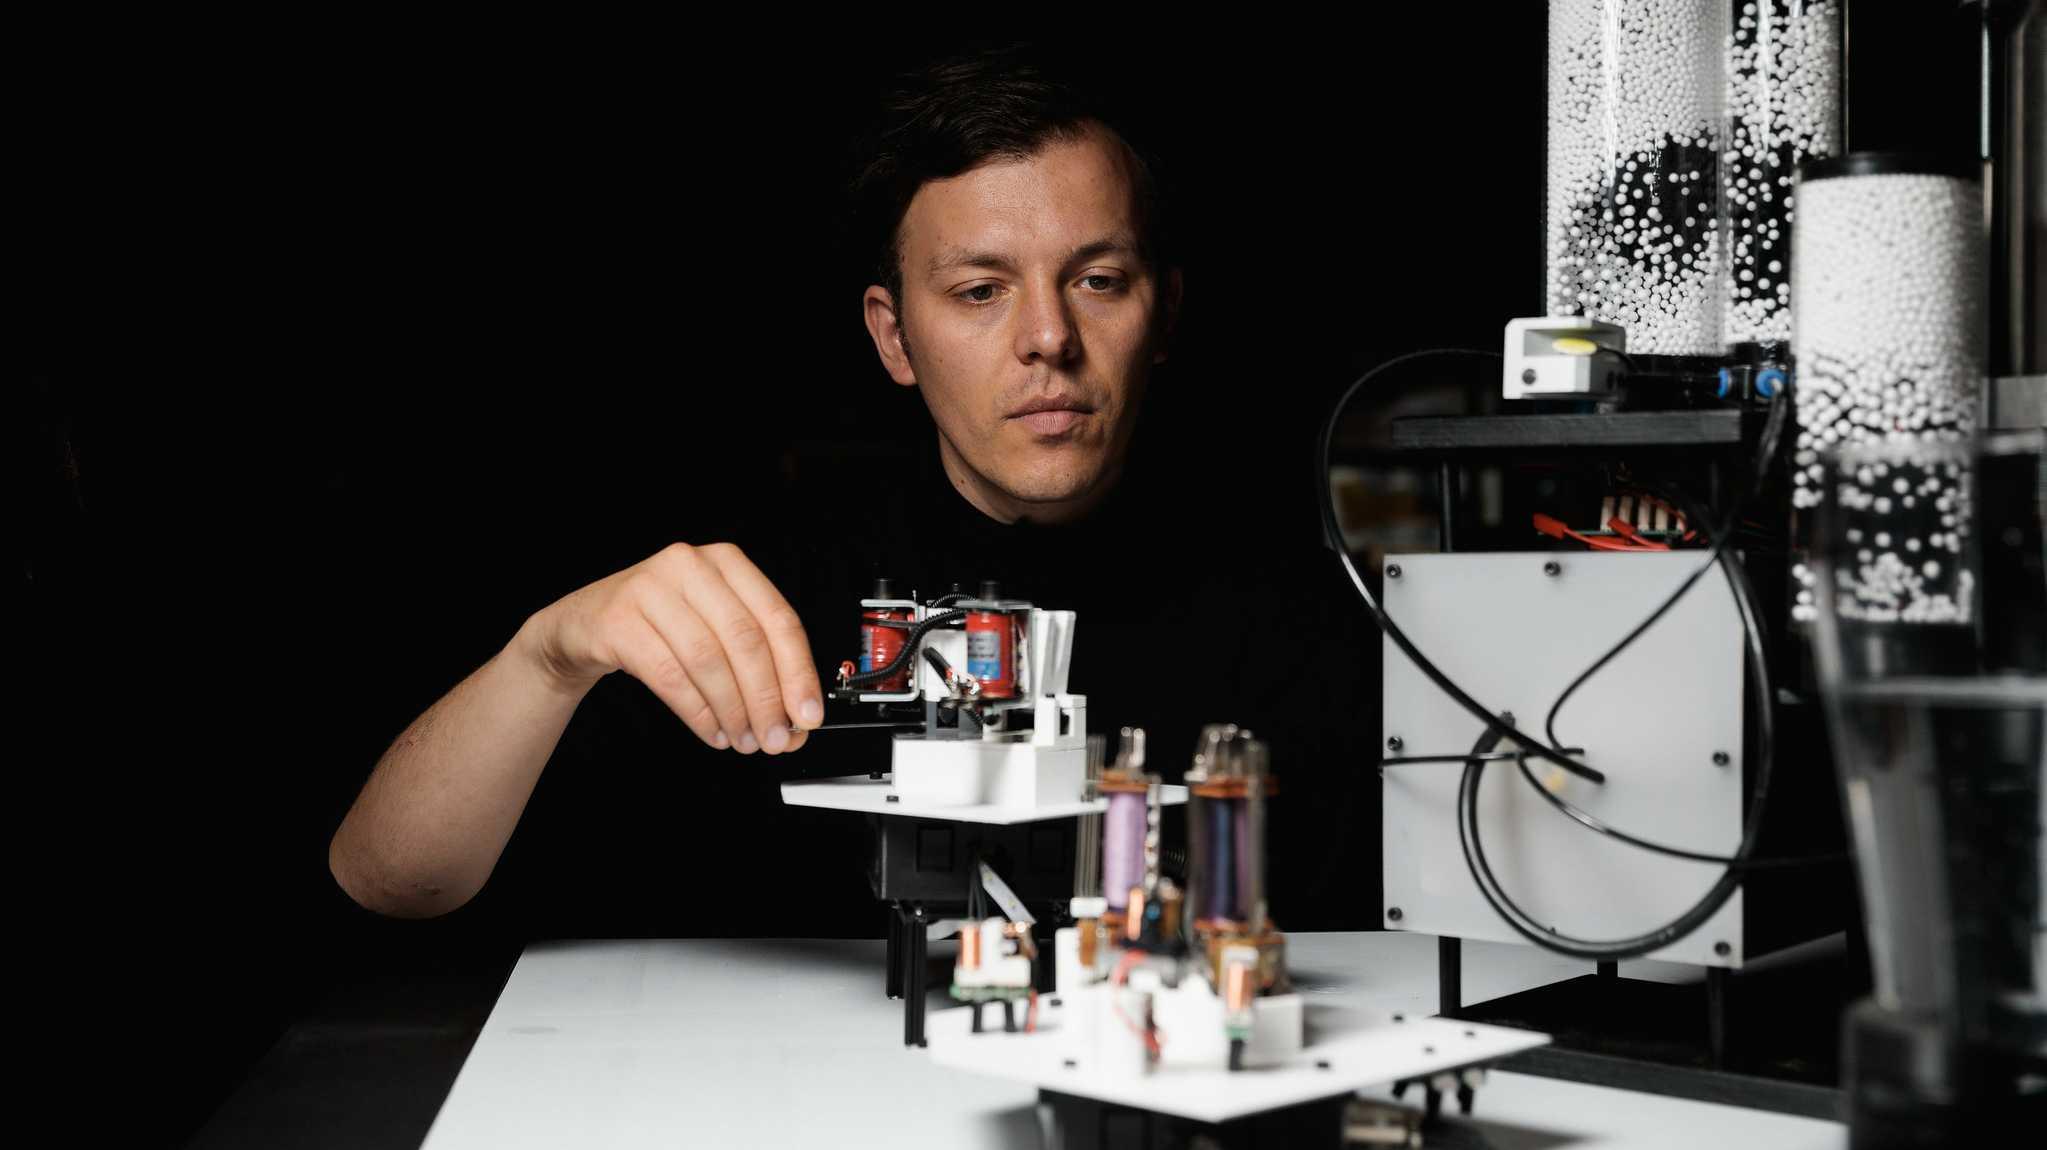 Ein weißer Mann schaut auf eine Maschine mit elektronischen Bauteilen und weißen Papierkügelchen in durchsichtigen Zylindern.